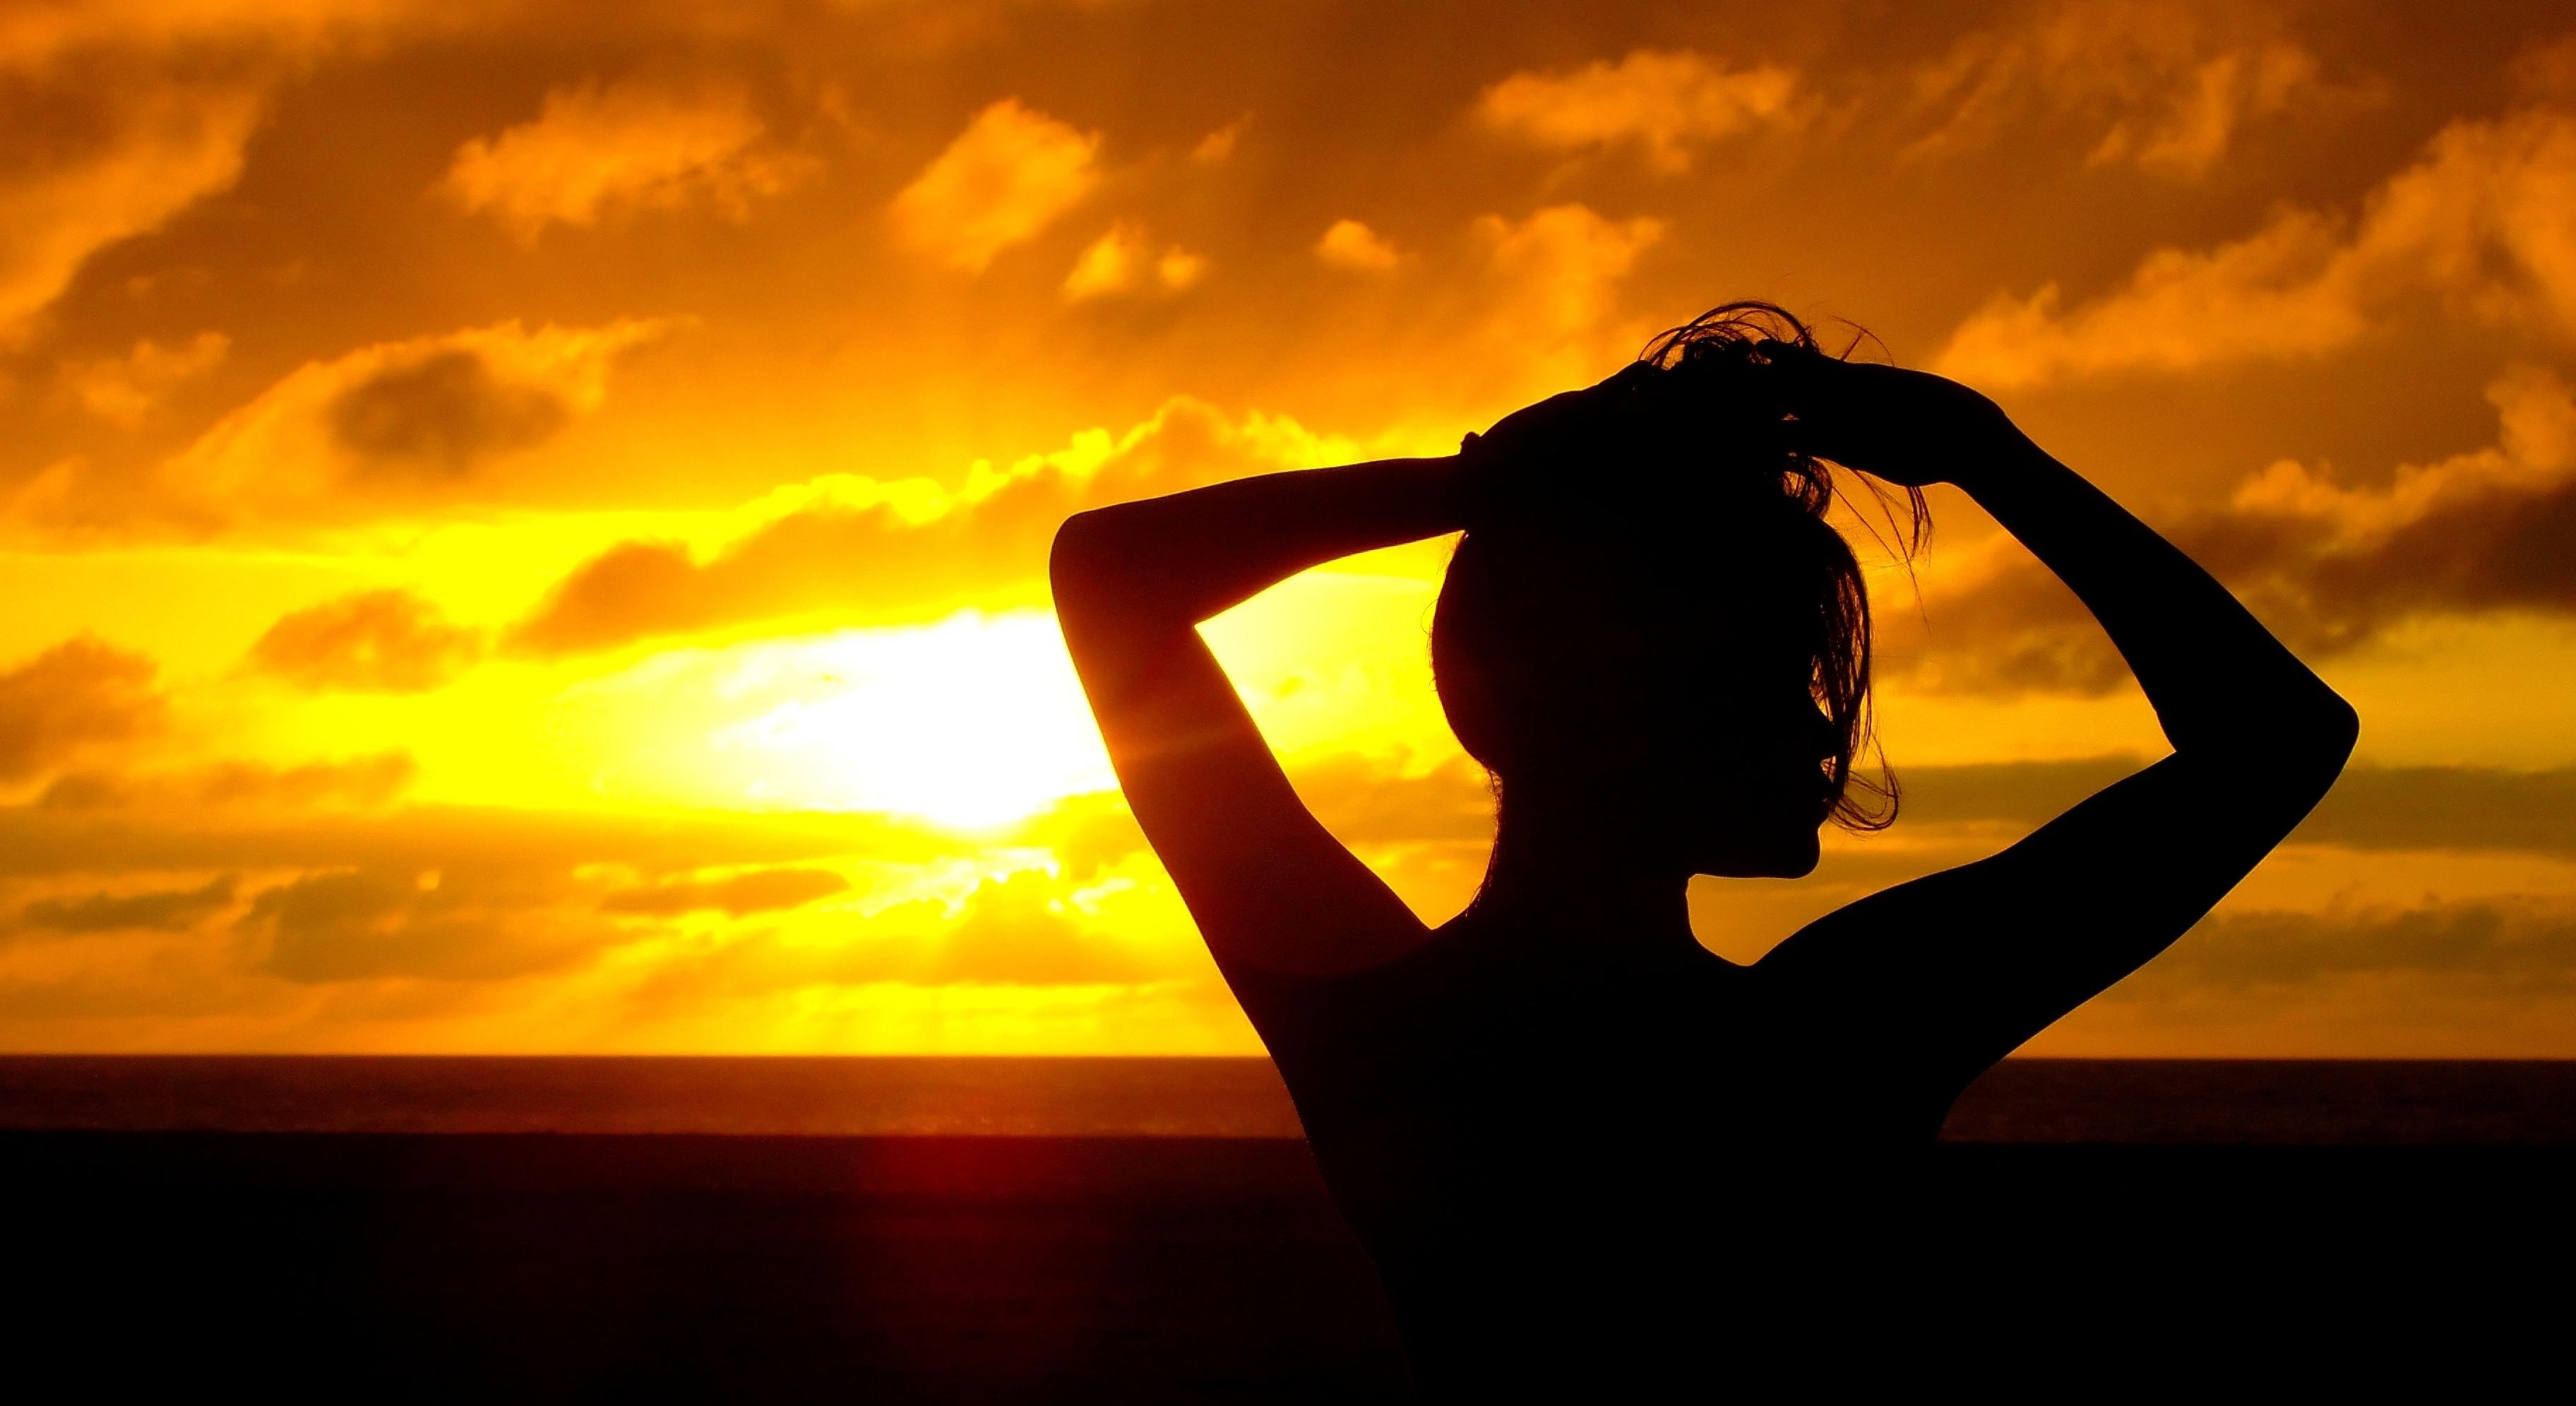 Beautiful sunset villa getaways best beach front villas - Beach girl wallpaper hd ...